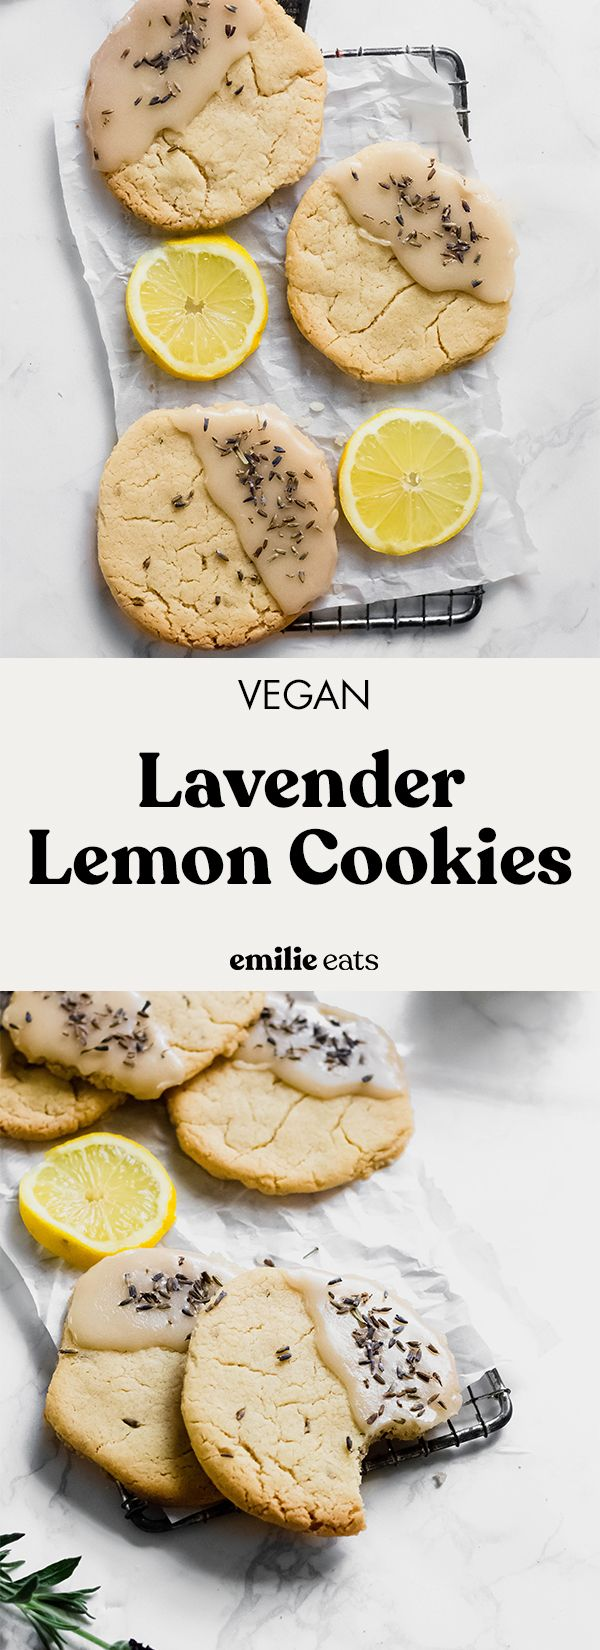 Vegan Lavender Lemon Cookies #cookies